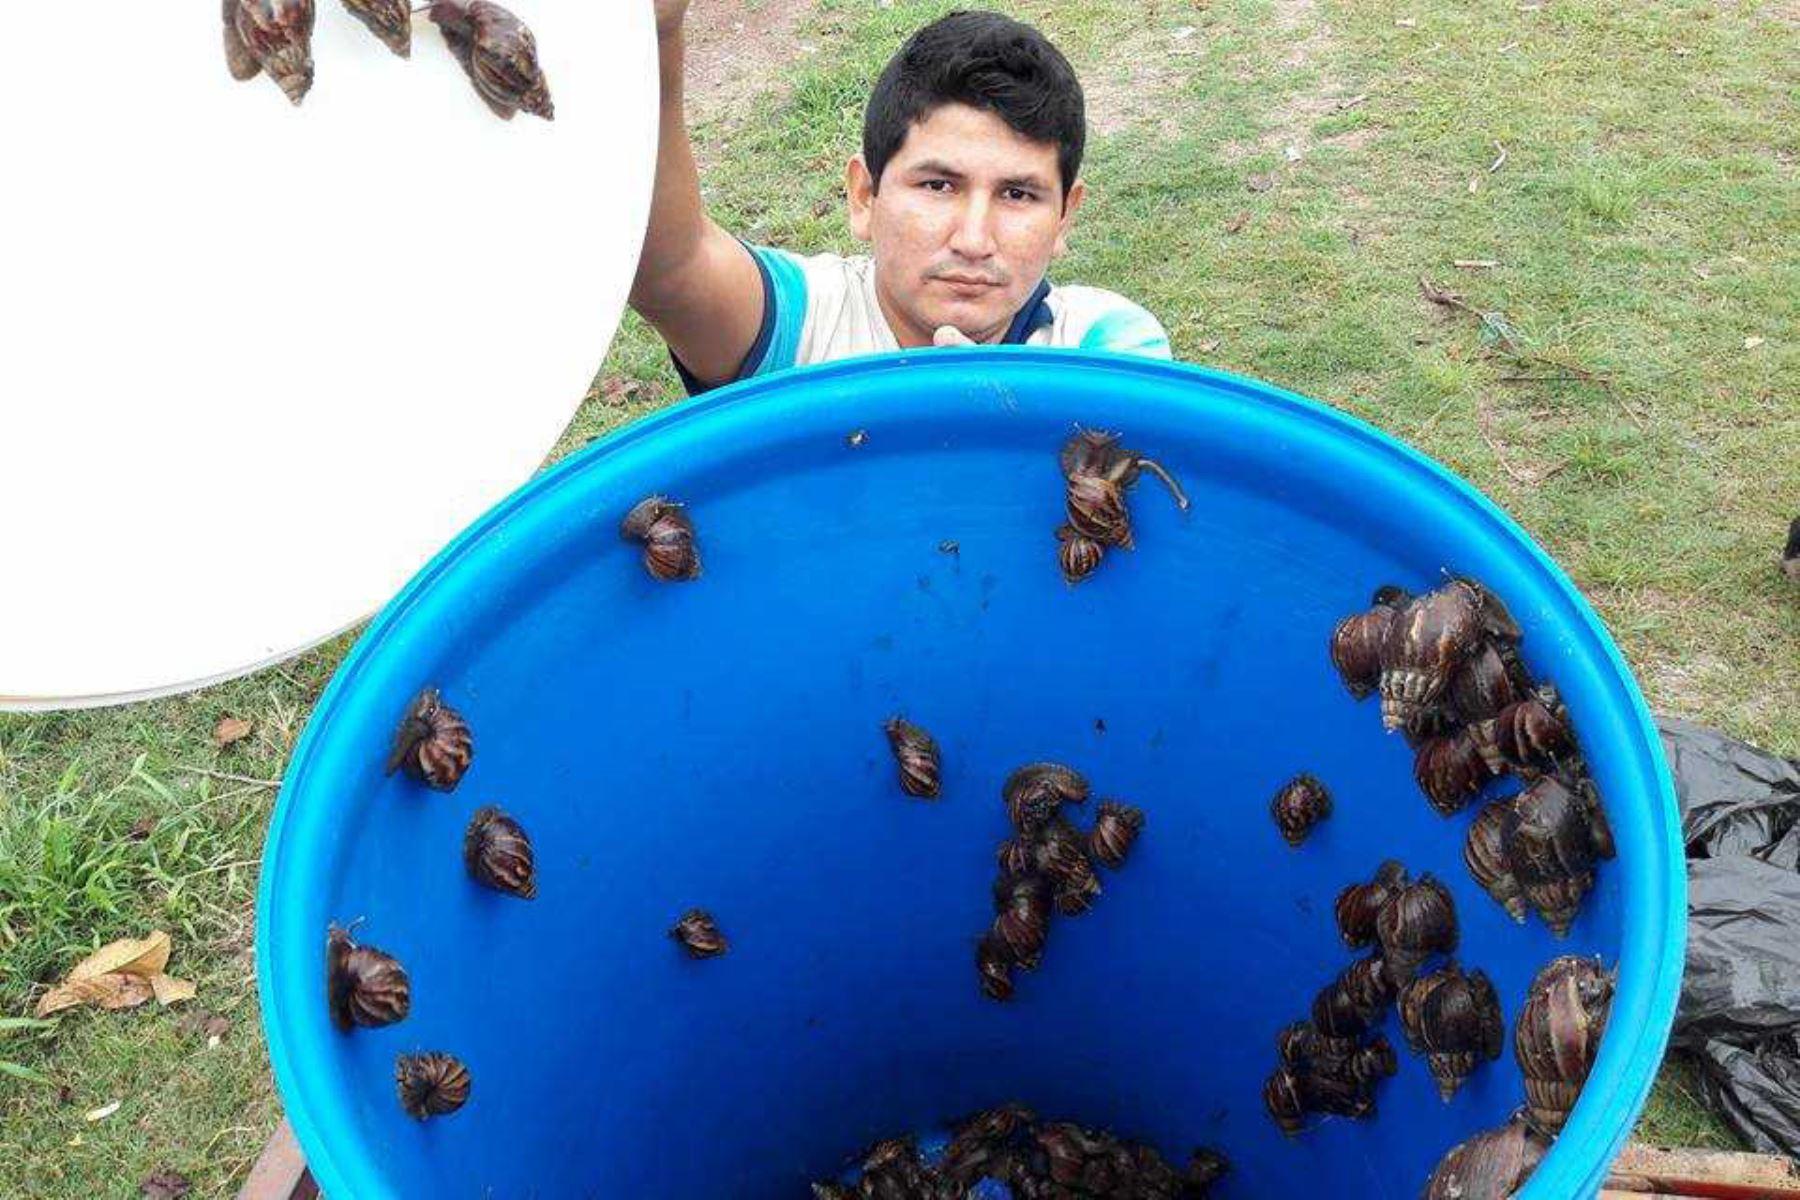 El Servicio Nacional de Sanidad Agraria (Senasa) junto con pequeños agricultores y la población en general sumaron esfuerzos para erradicar la plaga del caracol gigante africano  en Capirushari, uno de los centros poblados del distrito de Mazamari, provincia de Satipo, en la región Junín.